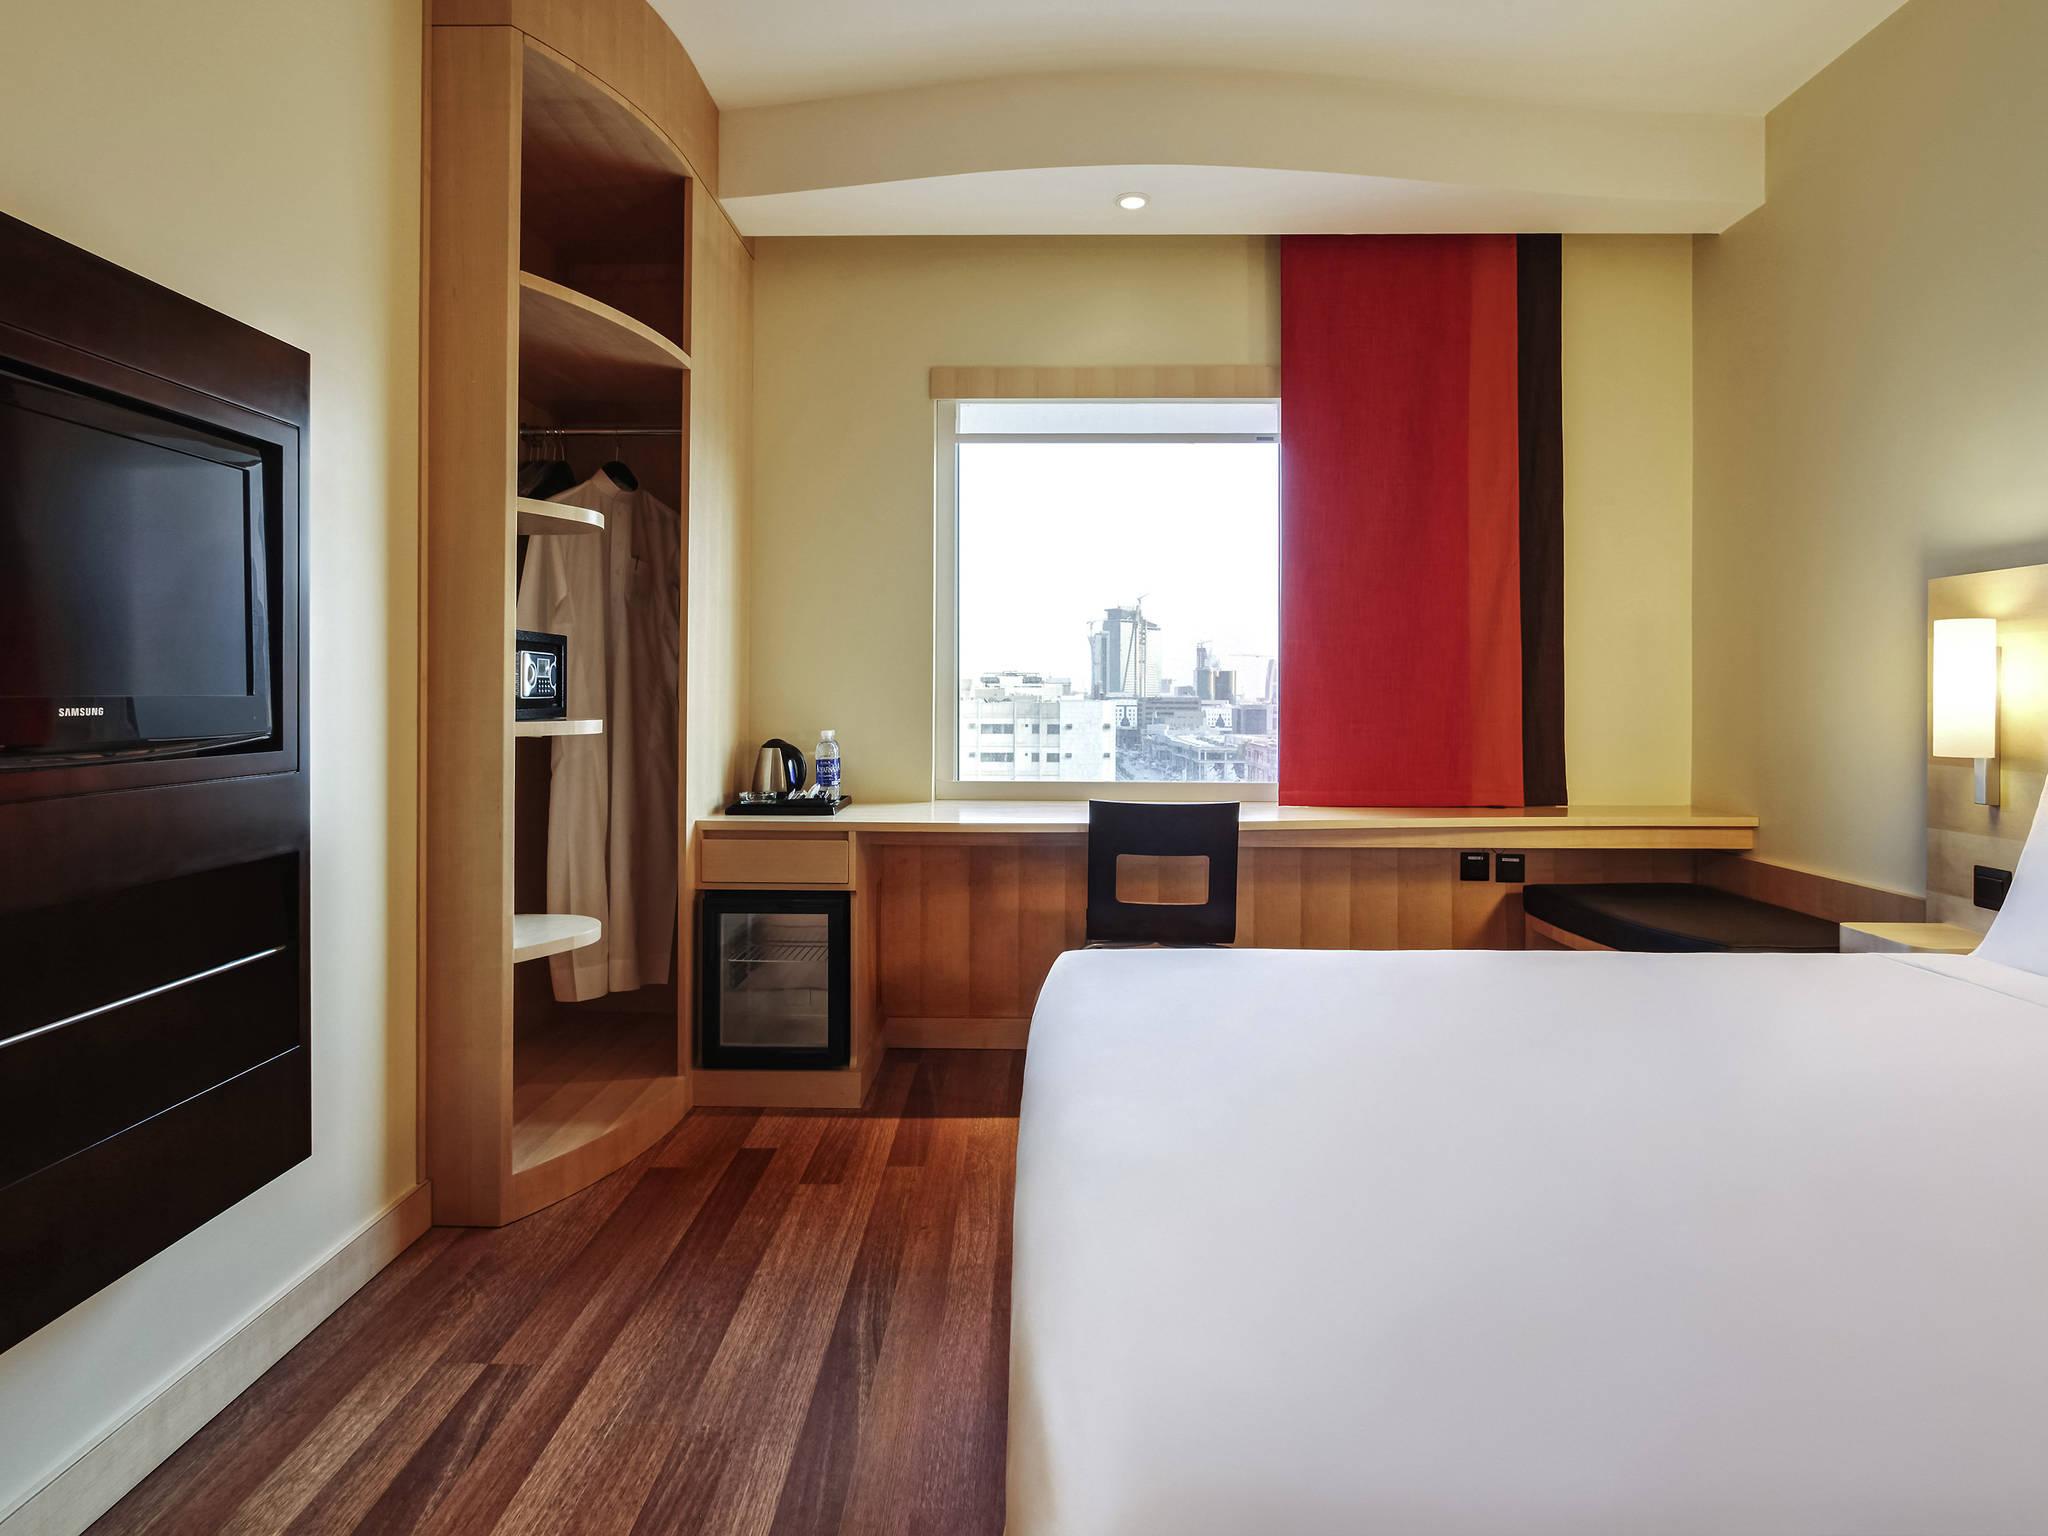 酒店 – 宜必思利雅德奥拉亚街酒店